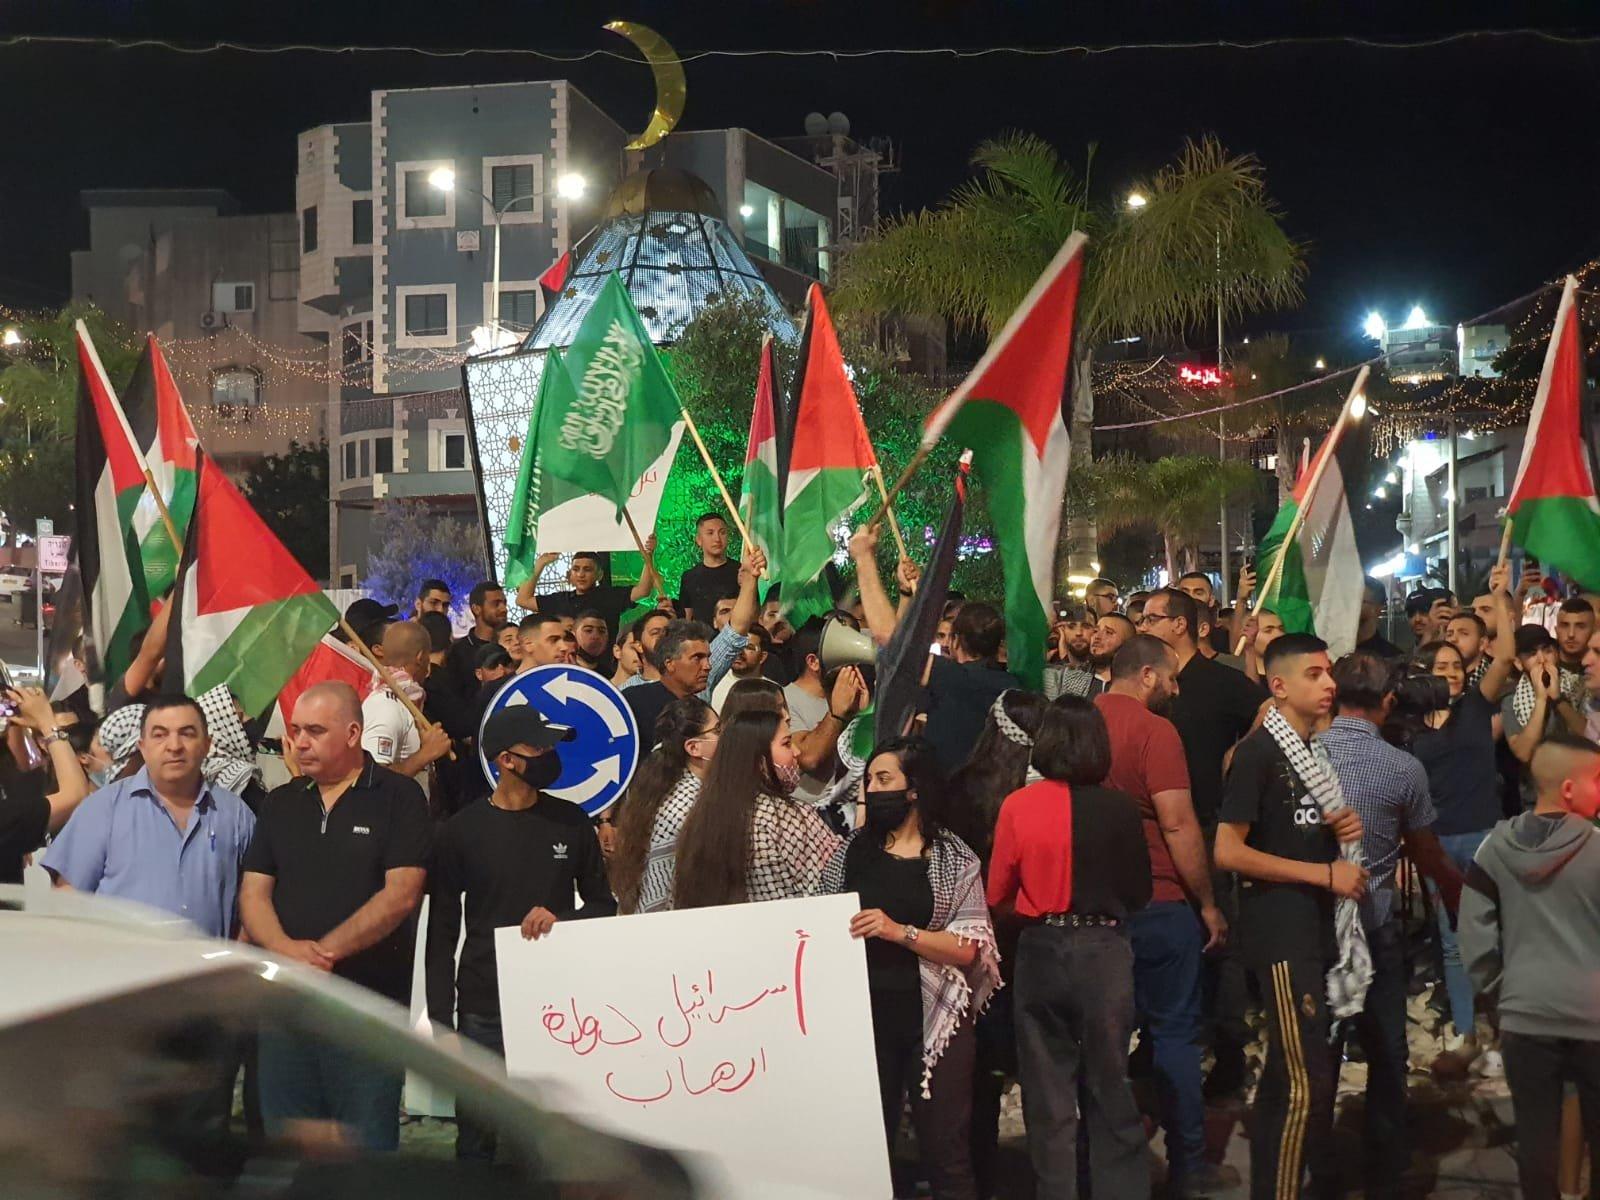 تابعوا الأخبار من مختلف البلدات: مظاهرات حاشدة، اليكم الملخص والصور-17